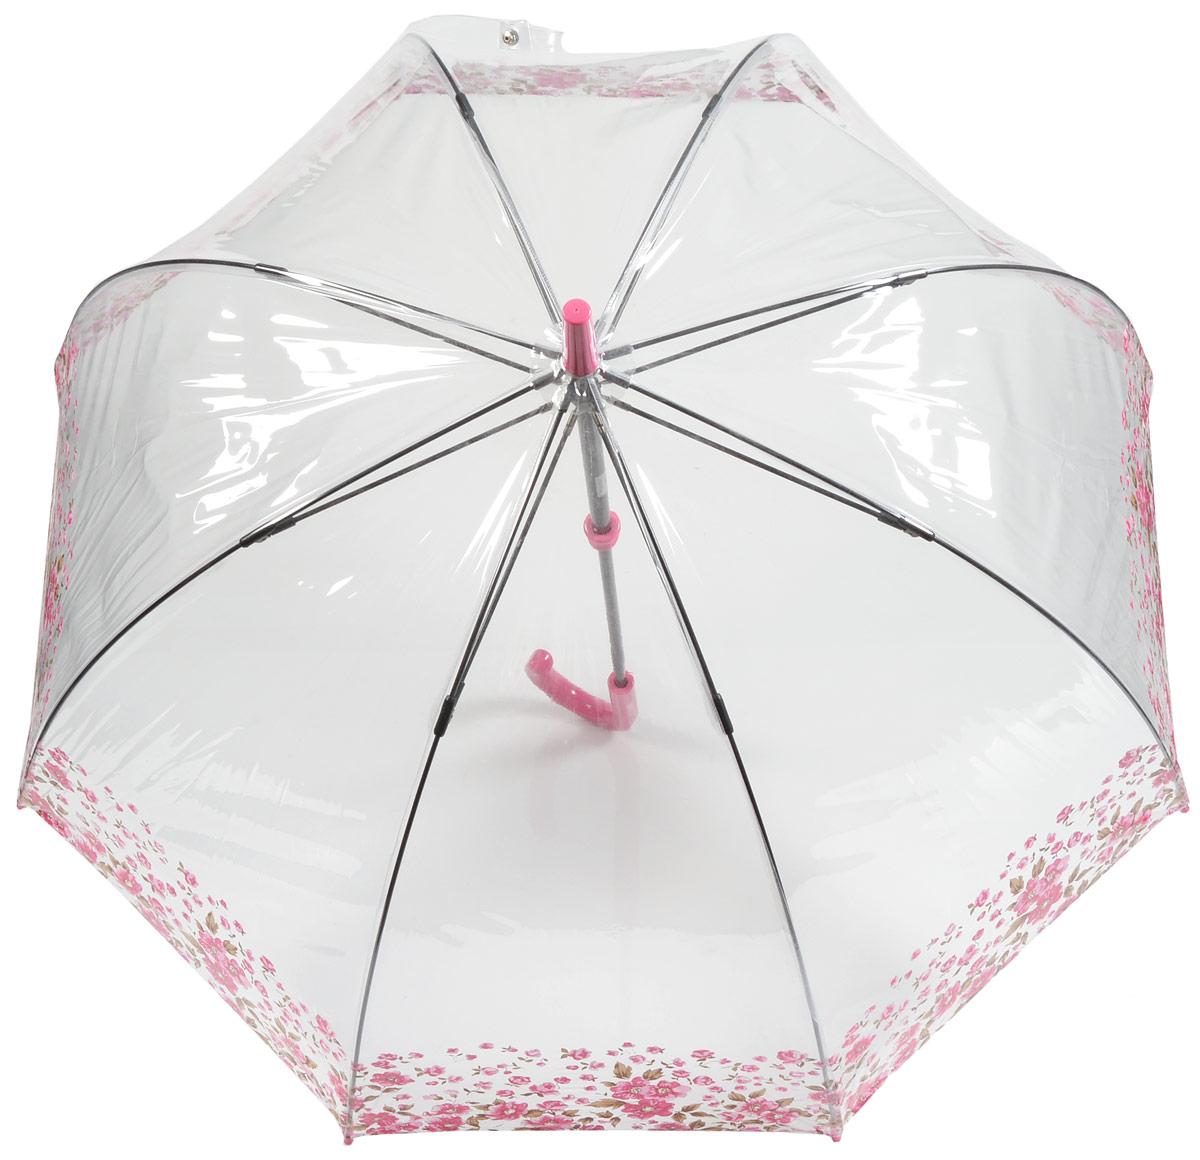 Зонт-трость женский Fulton, механический, цвет: прозрачный, розовый. L042-264345100032/35449/3537AСтильный зонт-трость Fulton даже в ненастную погоду позволит вам оставаться стильной и элегантной. Каркас зонта включает 8 спиц из фибергласса и состоит из стержня, изготовленного из прочной и ветроустойчивой стали. Купол зонта выполнен из высококачественного ПВХ. Рукоятка закругленной формы, разработанная с учетом требований эргономики, изготовлена из пластика.Зонт механического сложения: купол открывается и закрывается вручную до характерного щелчка. Такой зонт не только надежно защитит вас от дождя, но и станет стильным аксессуаром, который идеально подчеркнет ваш неповторимый образ.